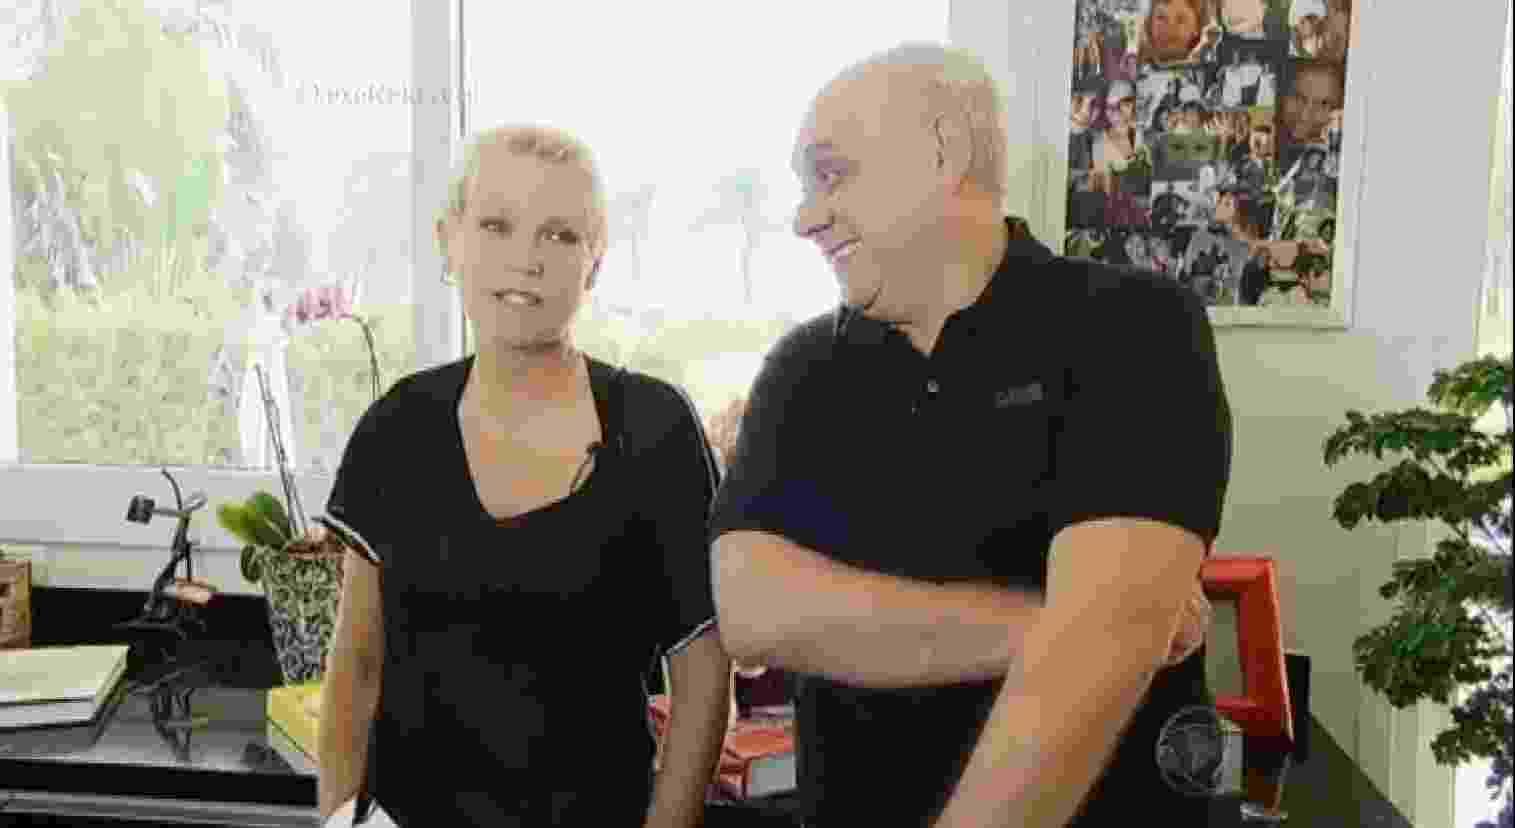 """18.jan.2015 - Xuxa visita a casa de Marcelo Rezende e revela que sempre foi traída pelos seus ex-namorados. """"Agora acho que arrumei um que não vai me trair. E também se trair, olha, eu estou com 52 anos...Não dá com 52 anos para você ficar arrumando pessoas que ficam nesse 'joguinho'"""", desabafa a apresentadora - Reprodução /Record"""